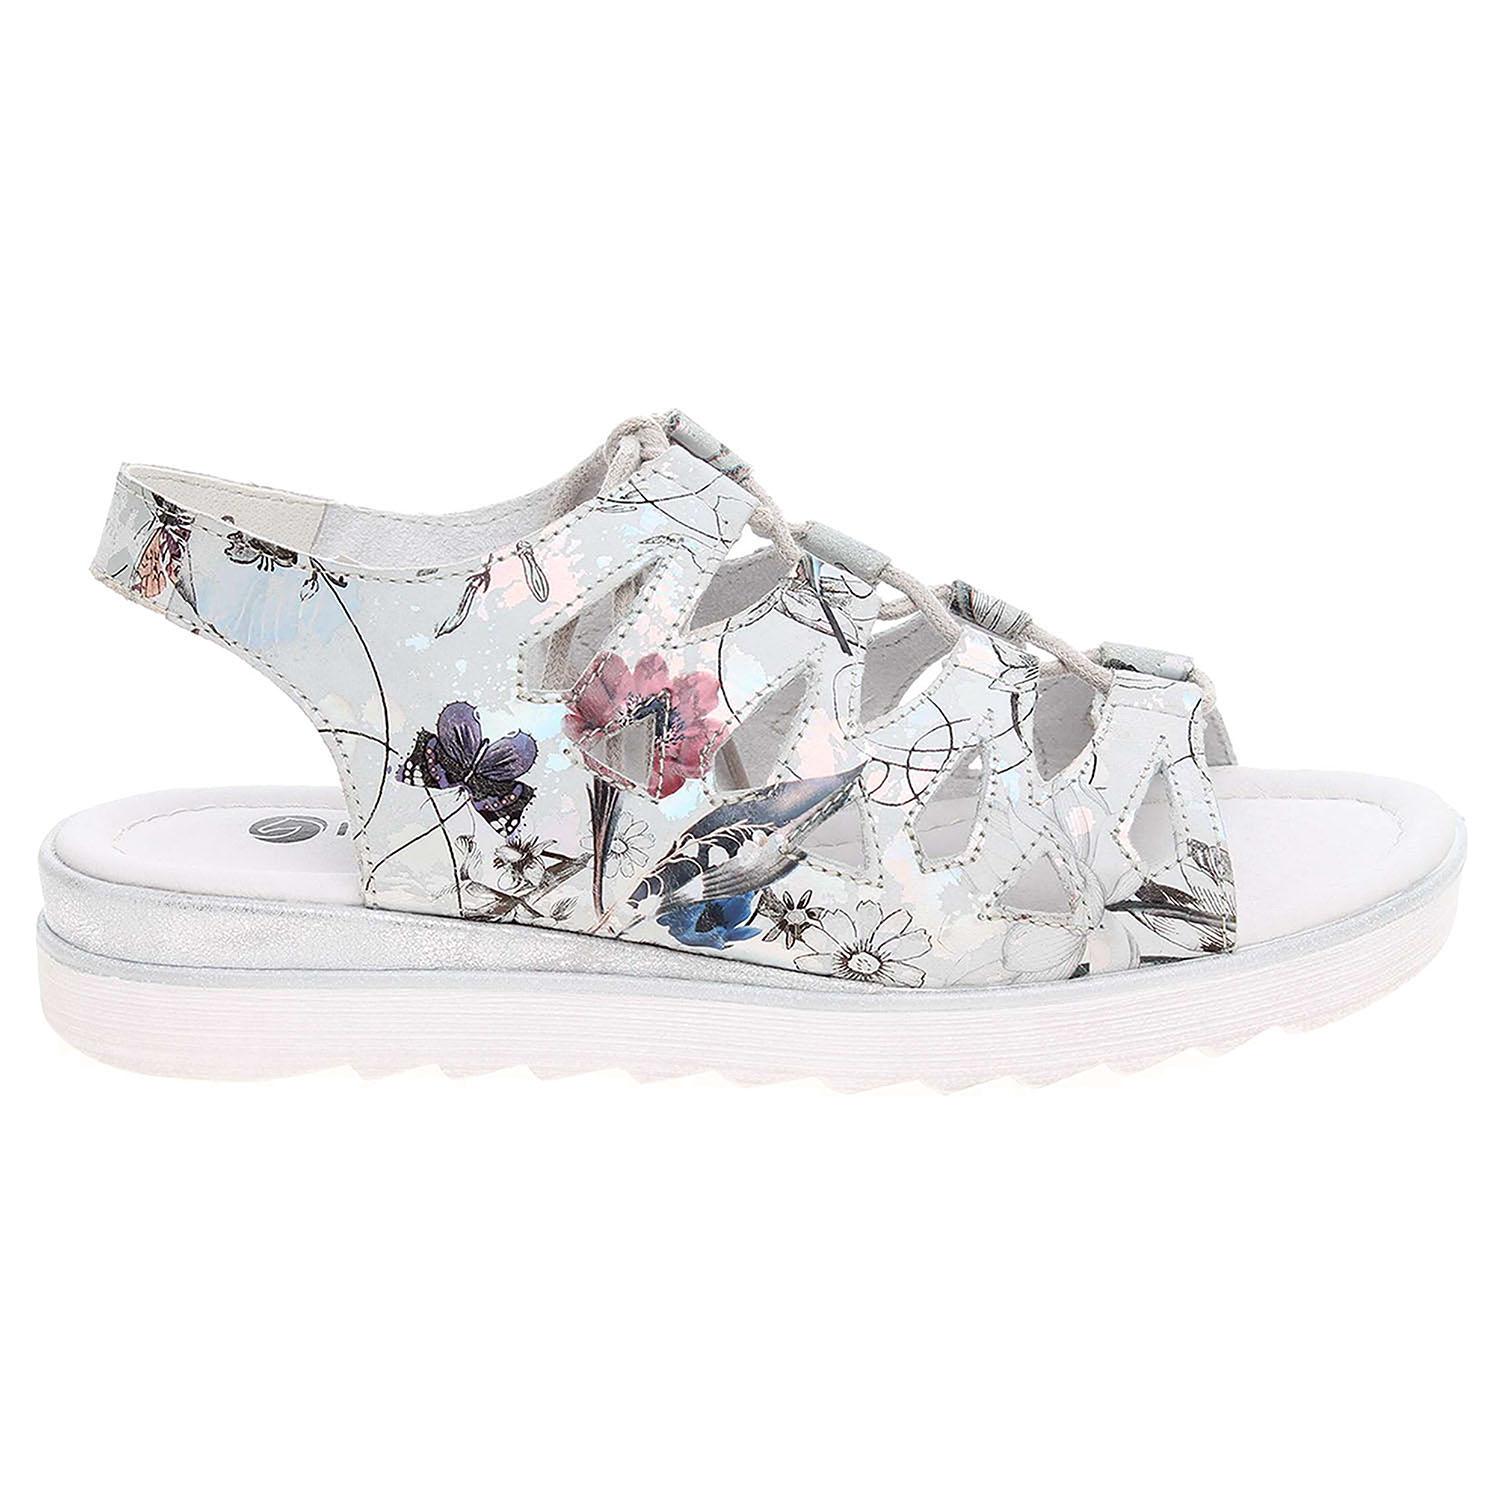 Ecco Remonte dámské sandály D1150-90 stříbrné 23801159